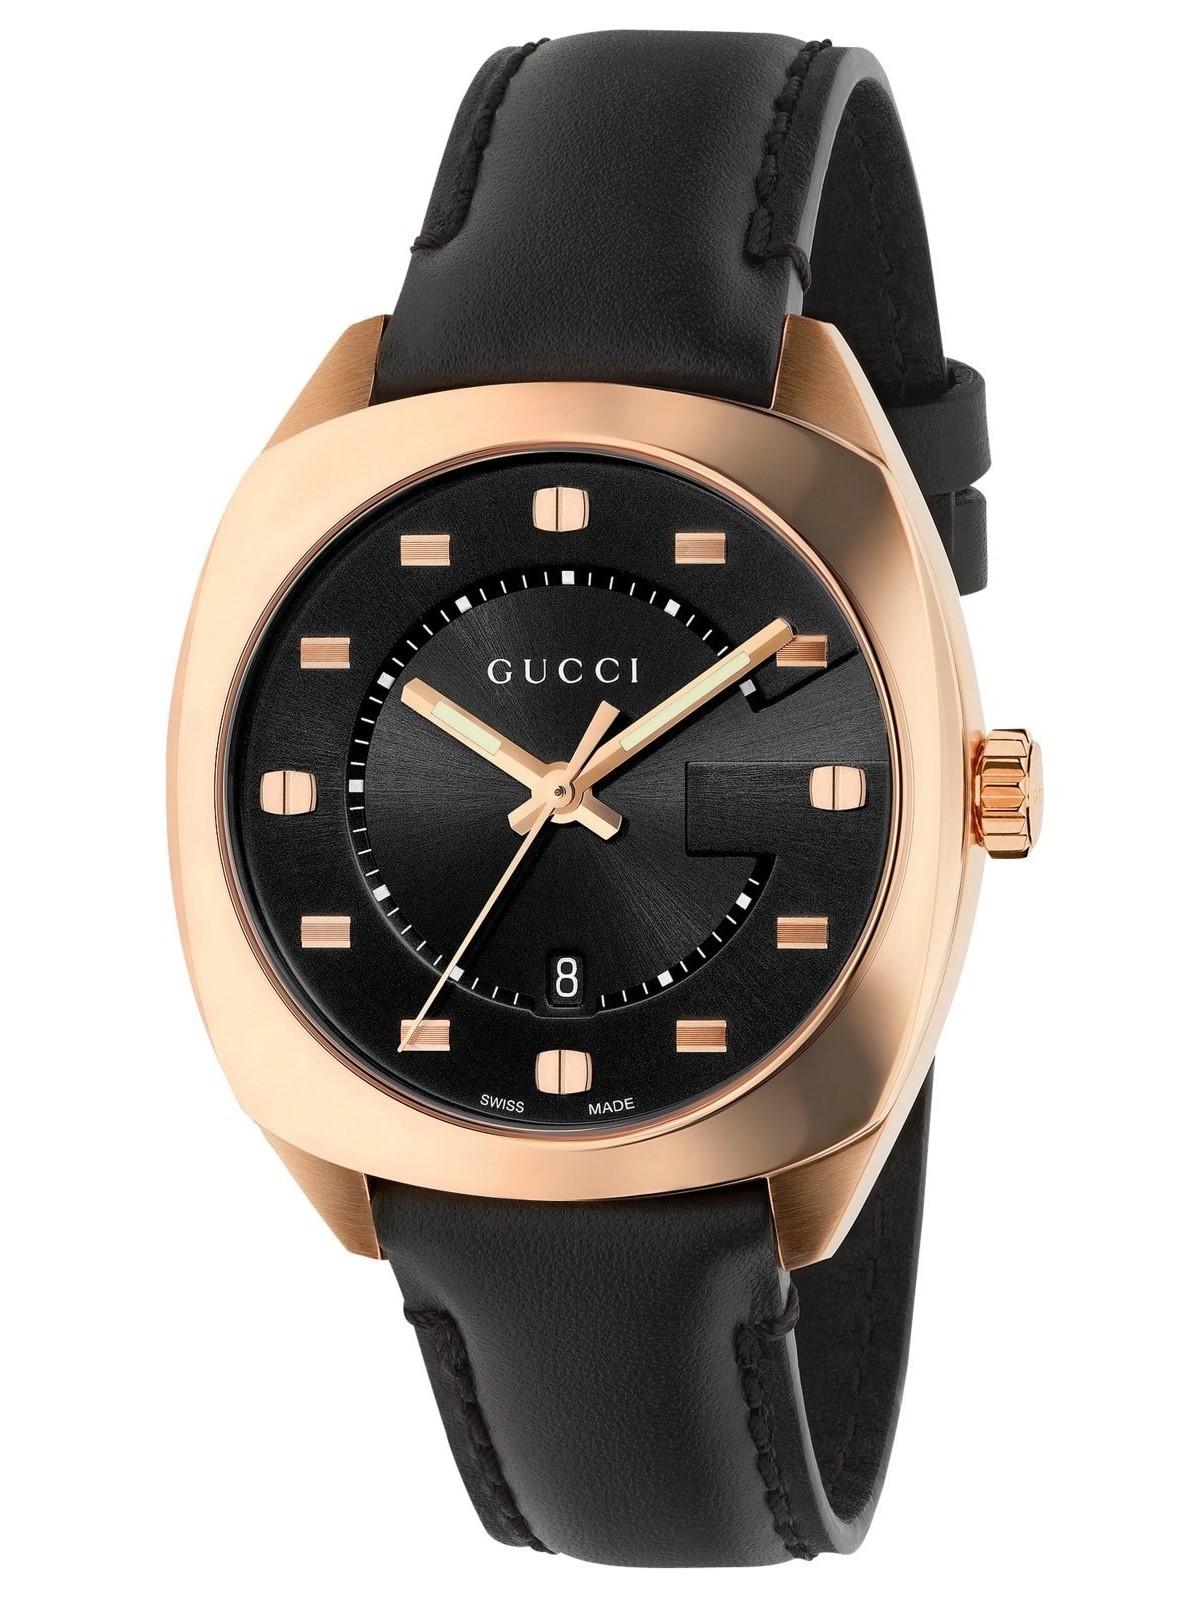 GG2570 Rose Gold-Tone Women's Watch, YA142407